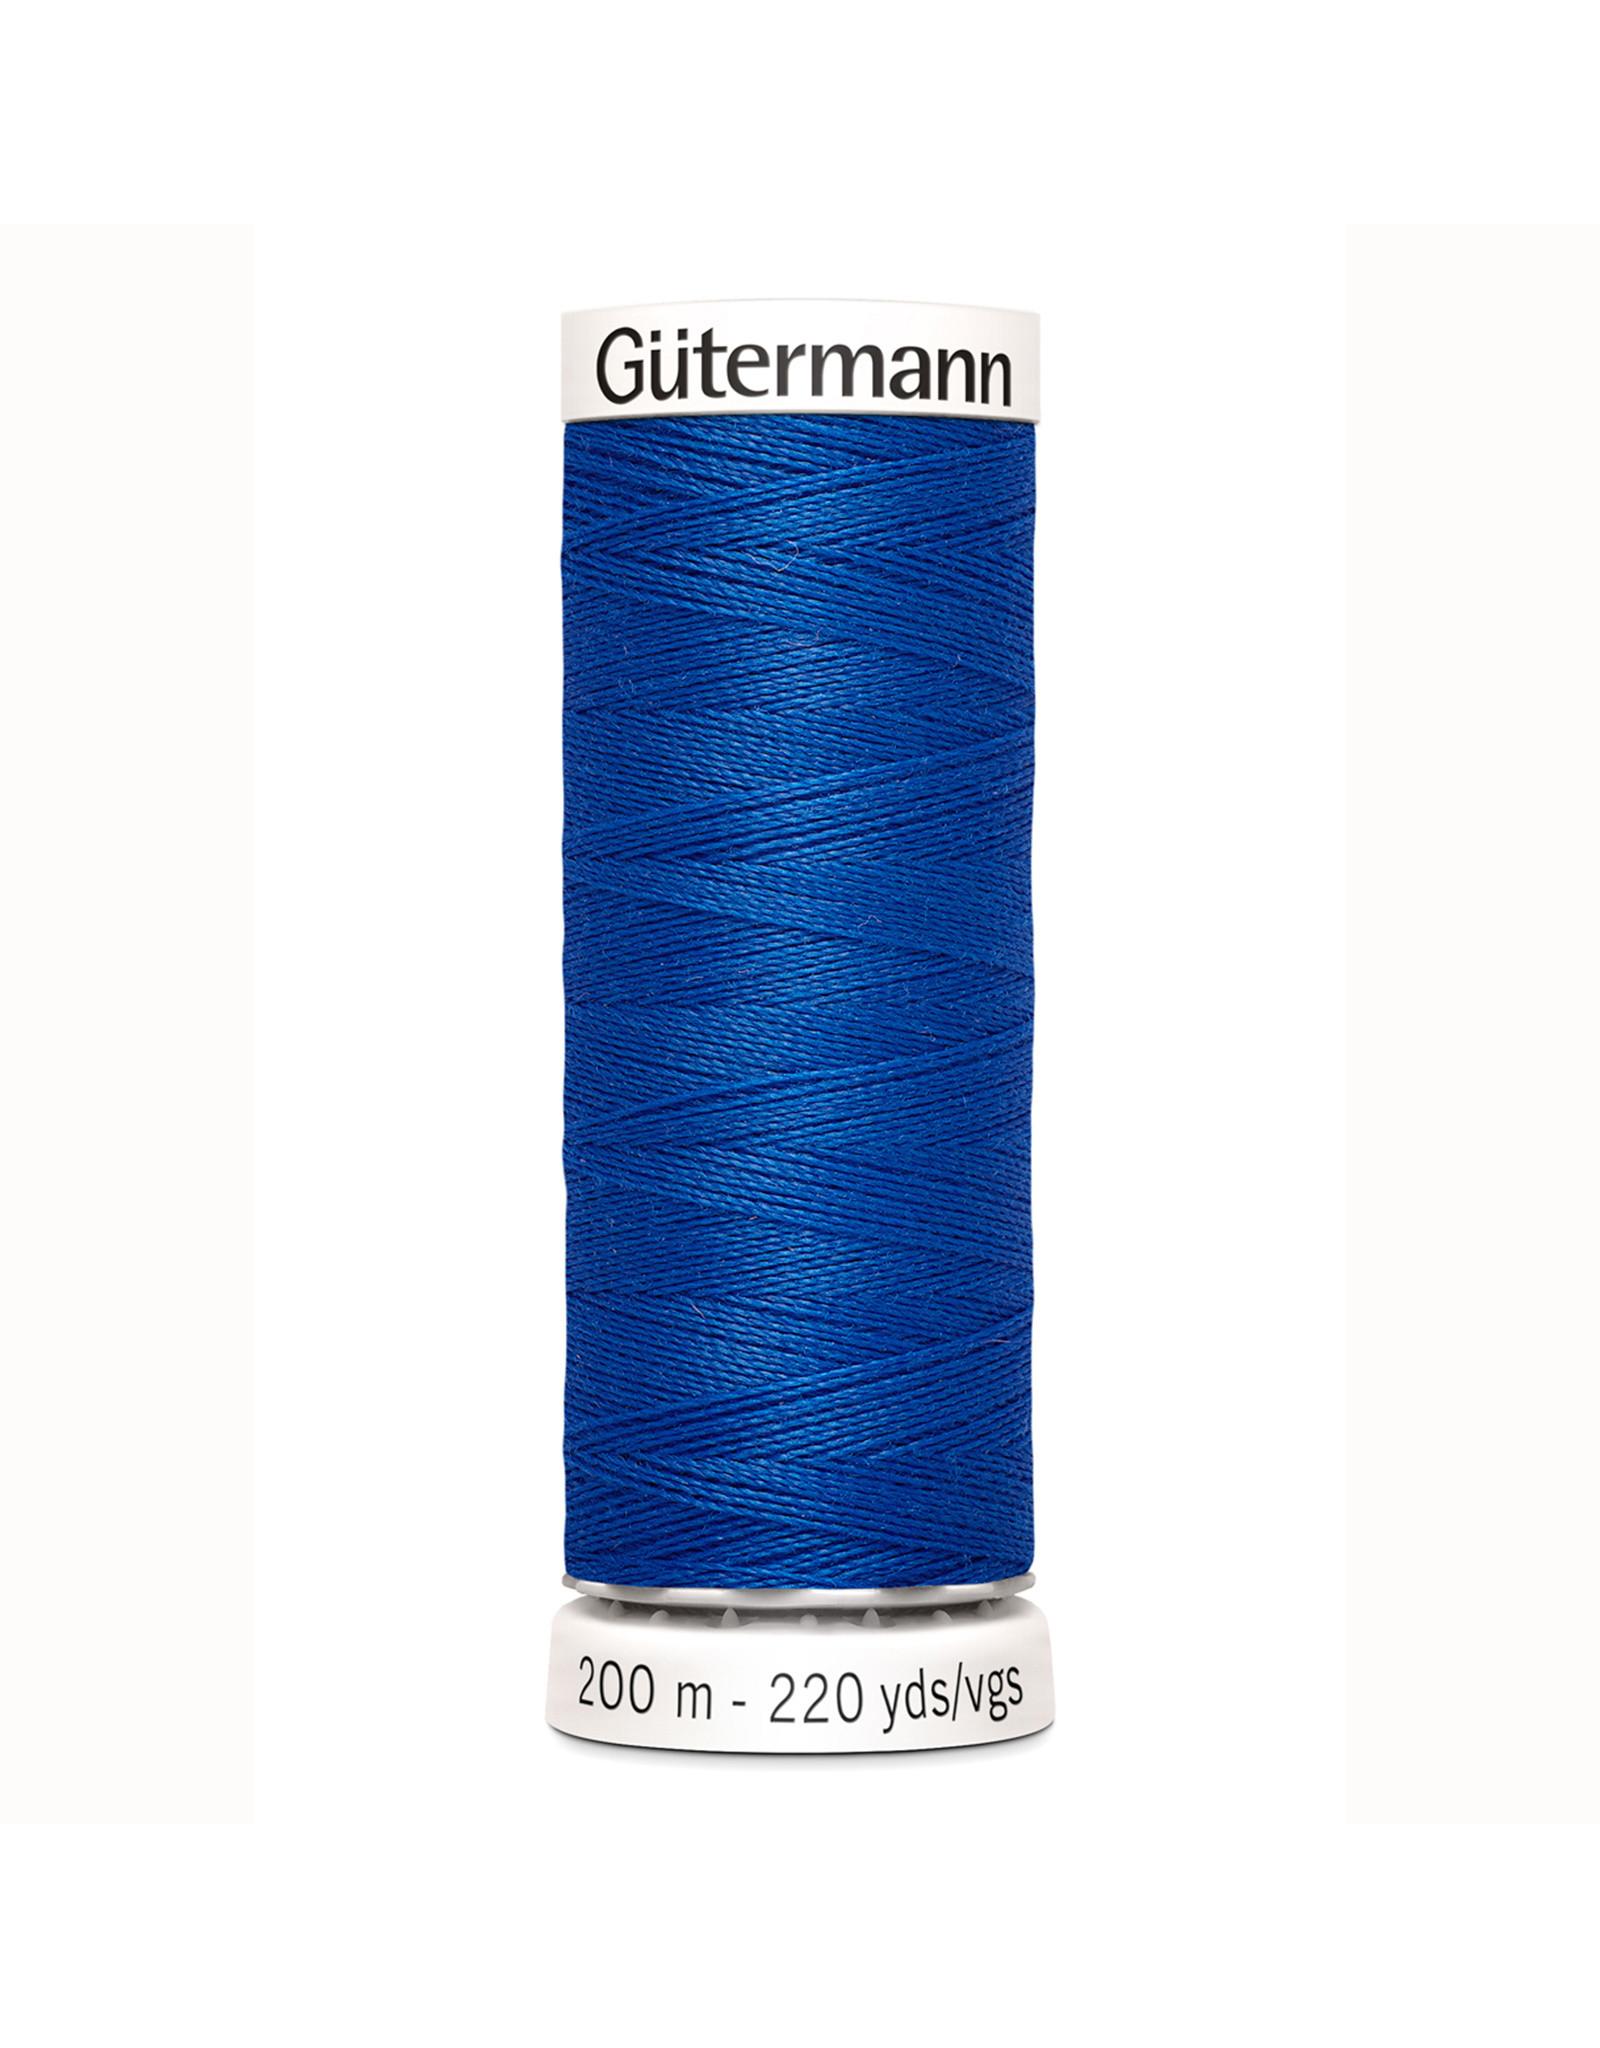 Gütermann Gütermann Sewing Thread 200 m - nr 315